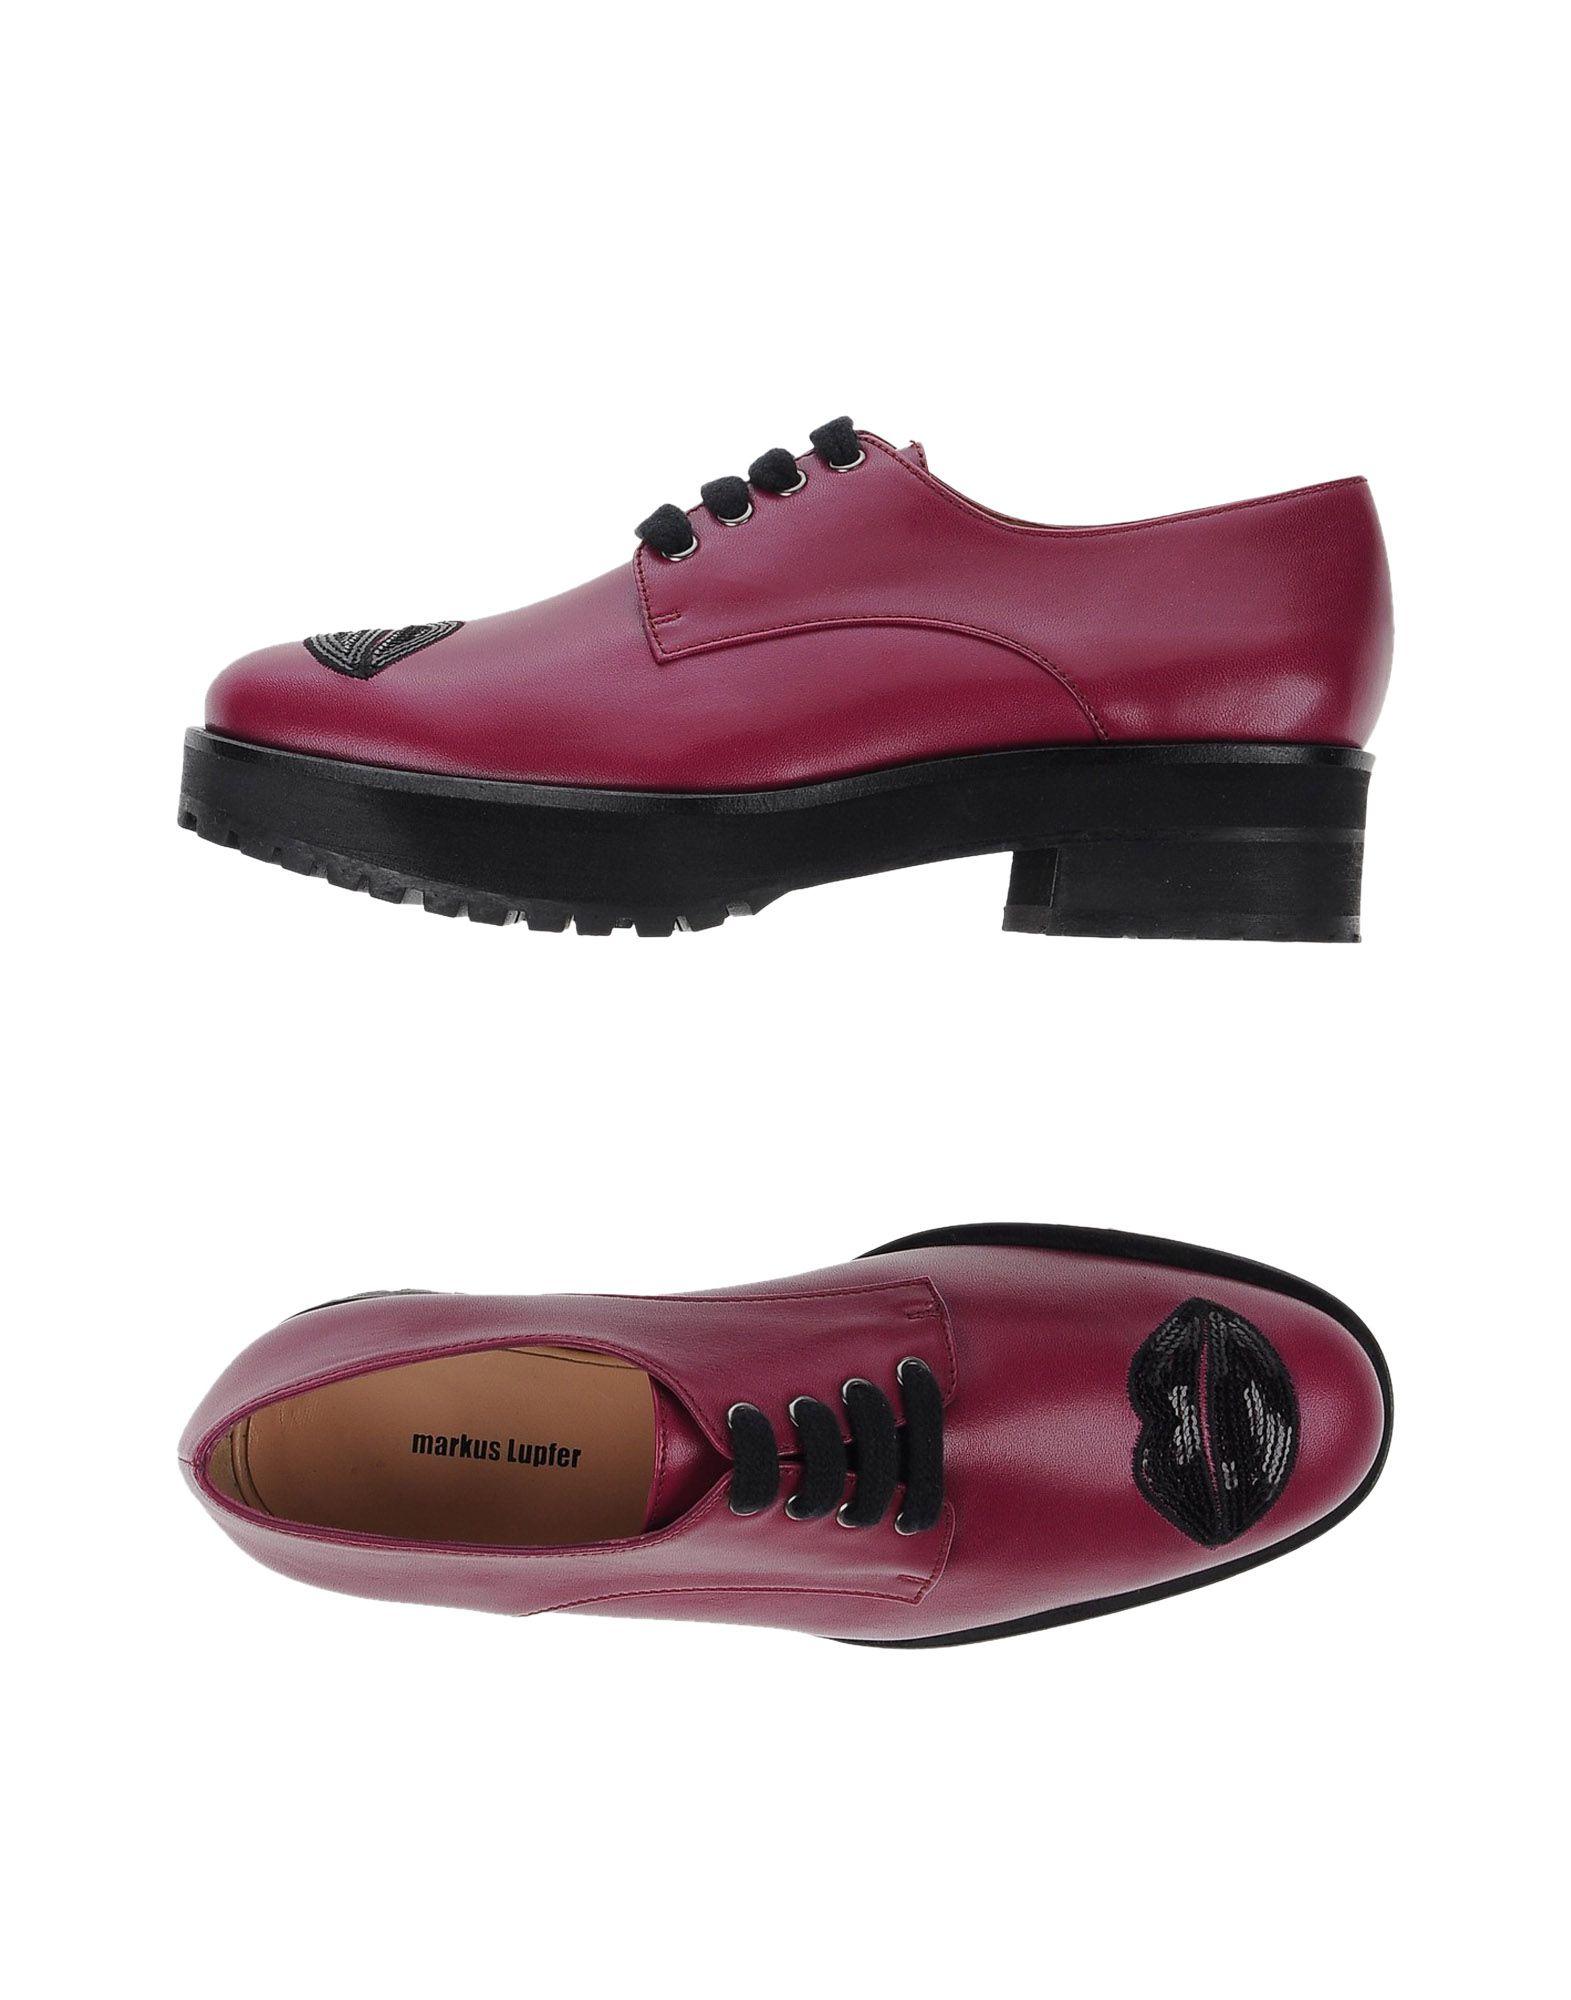 MARKUS LUPFER Обувь на шнурках первый внутри обувь обувь обувь обувь обувь обувь обувь обувь обувь 8a2549 мужская армия green 40 метров